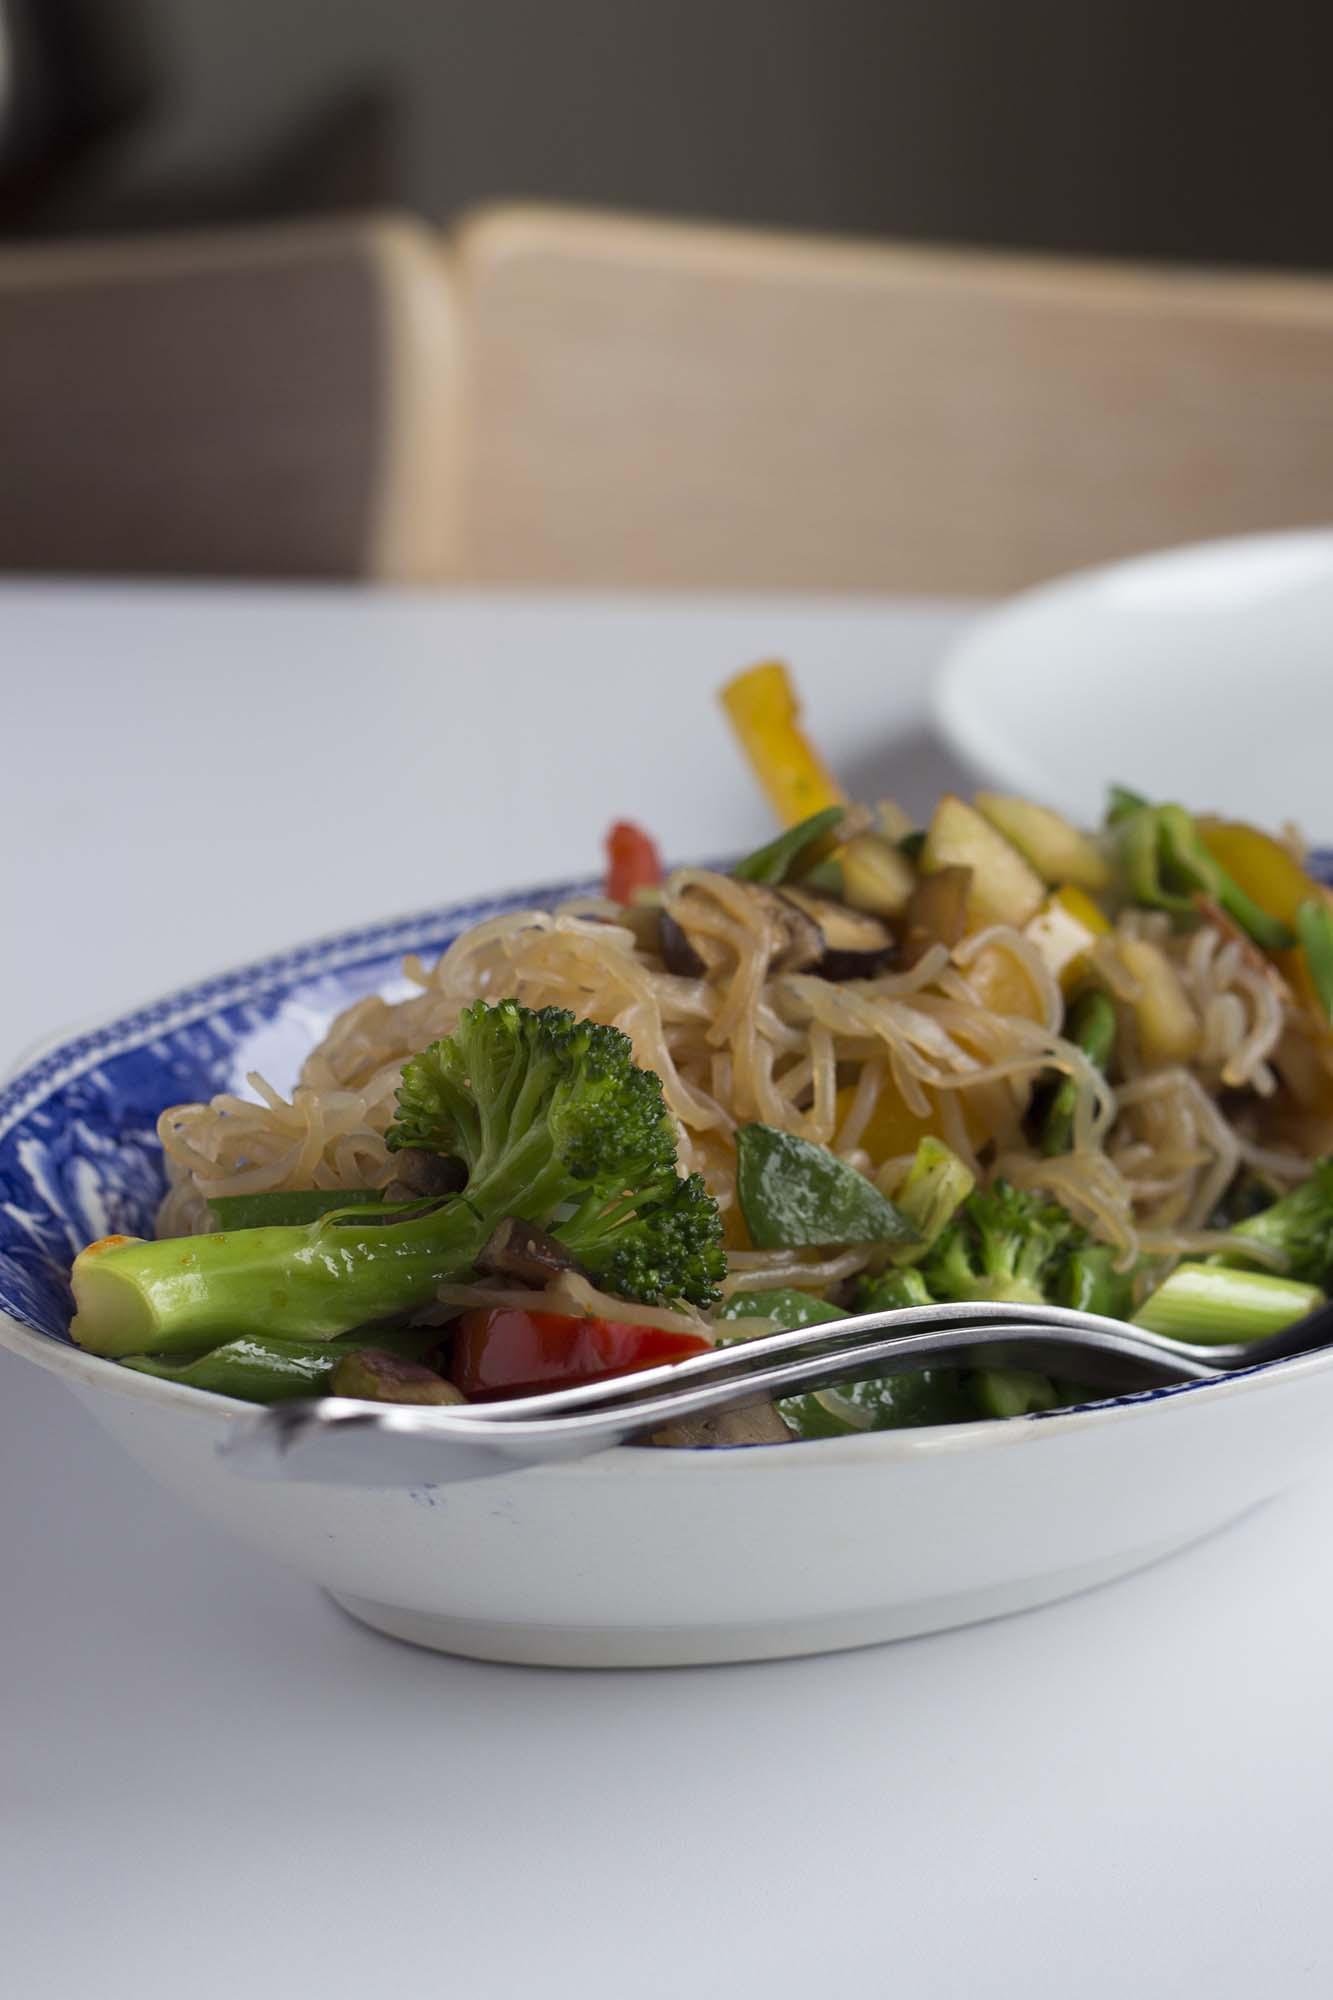 Lynsvitsede grøntsager og shirataki